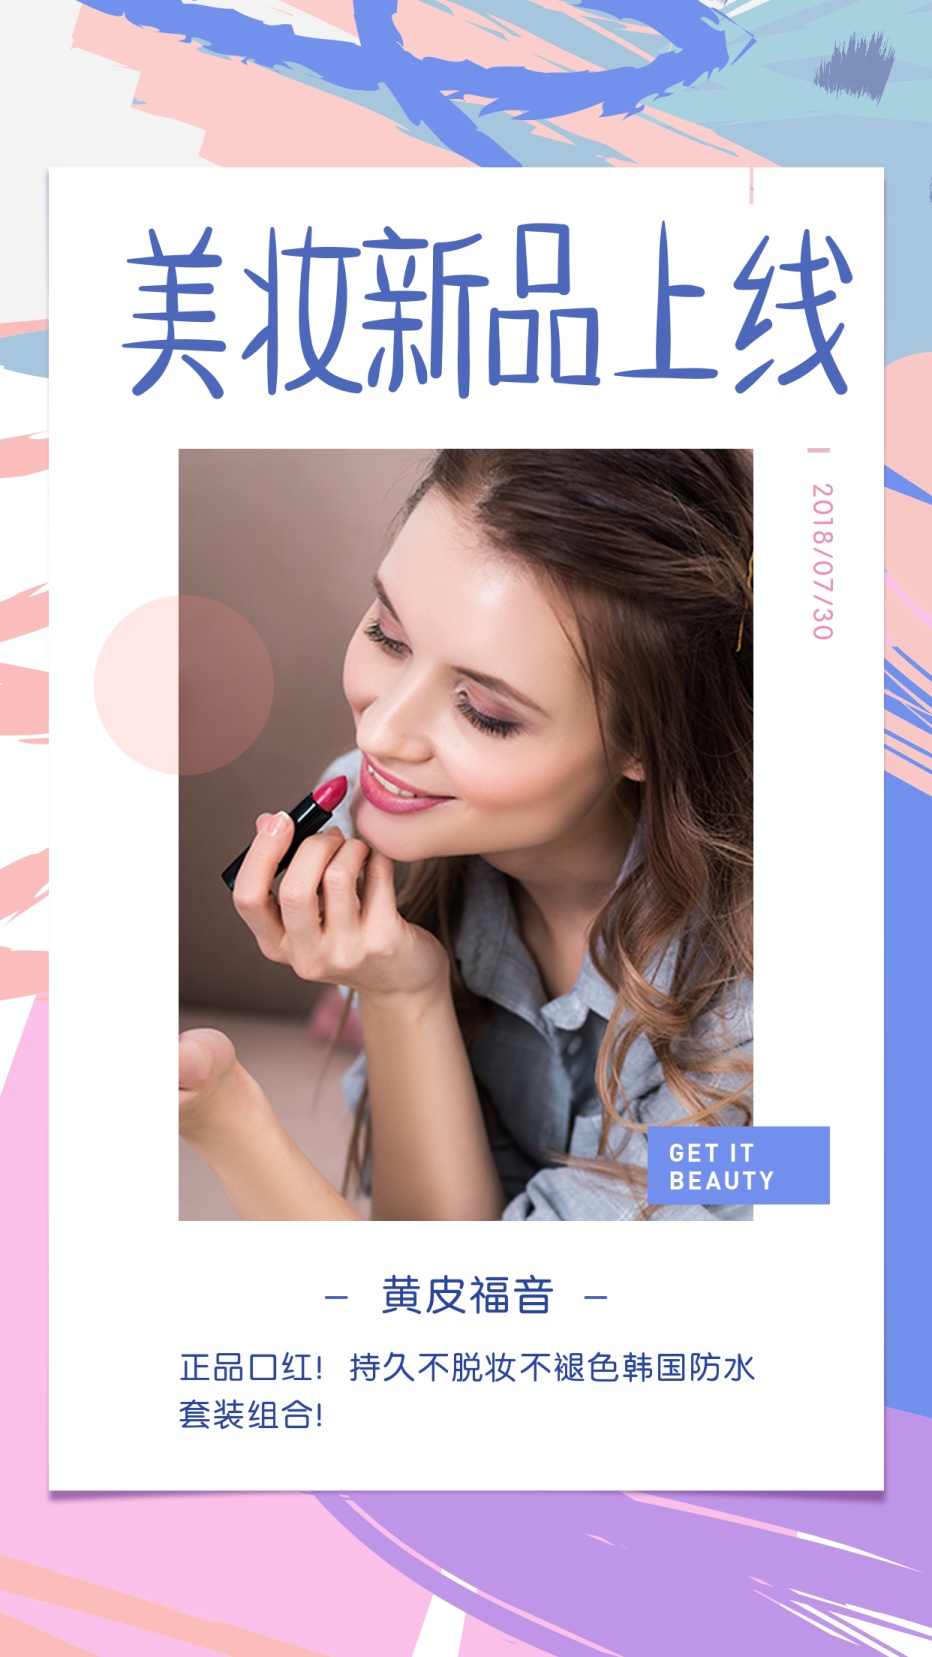 美妆新品上线手机海报